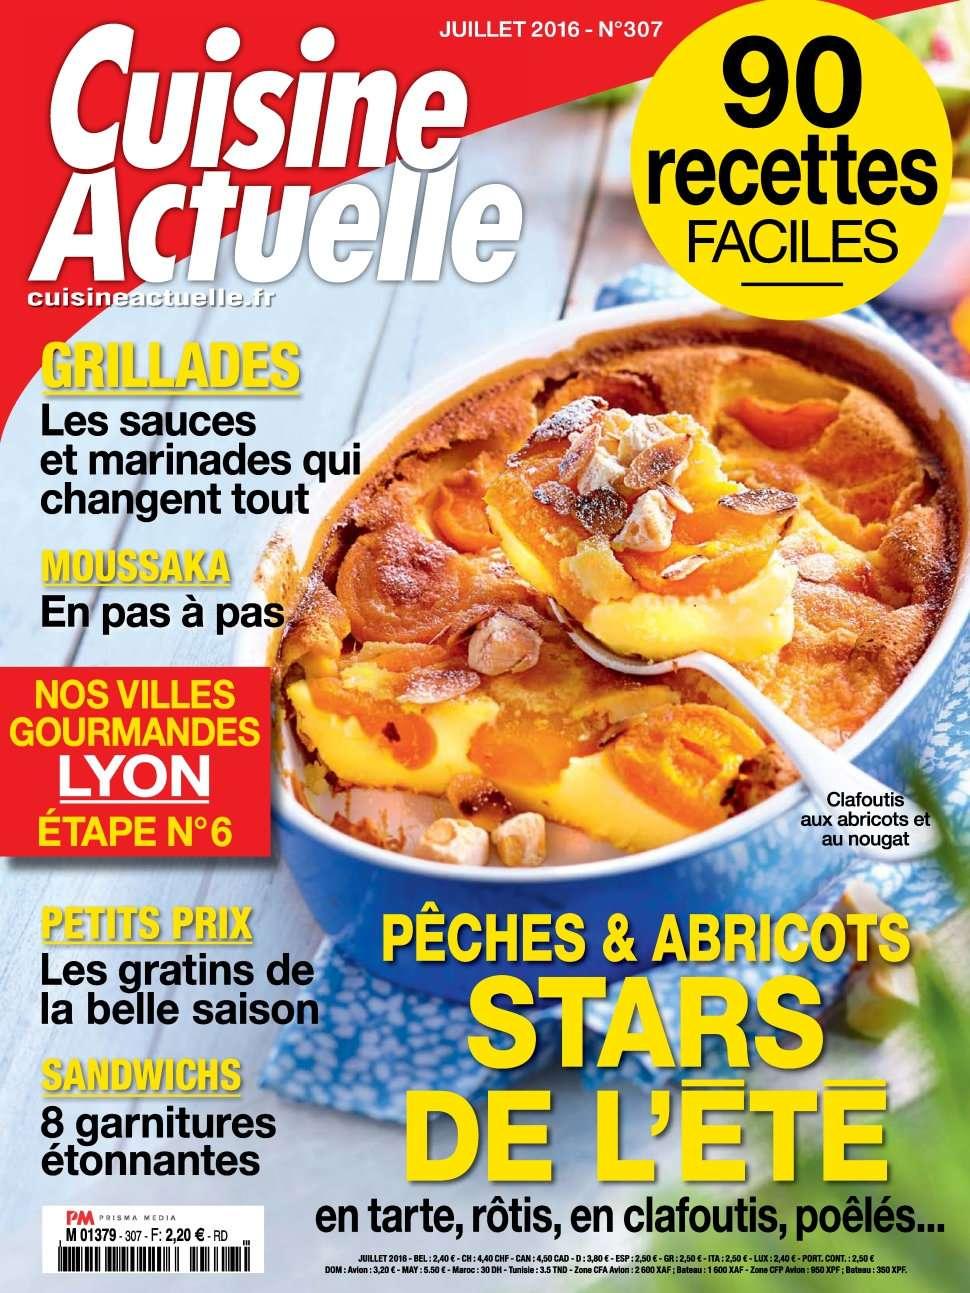 Cuisine Actuelle 307 - Juillet 2016